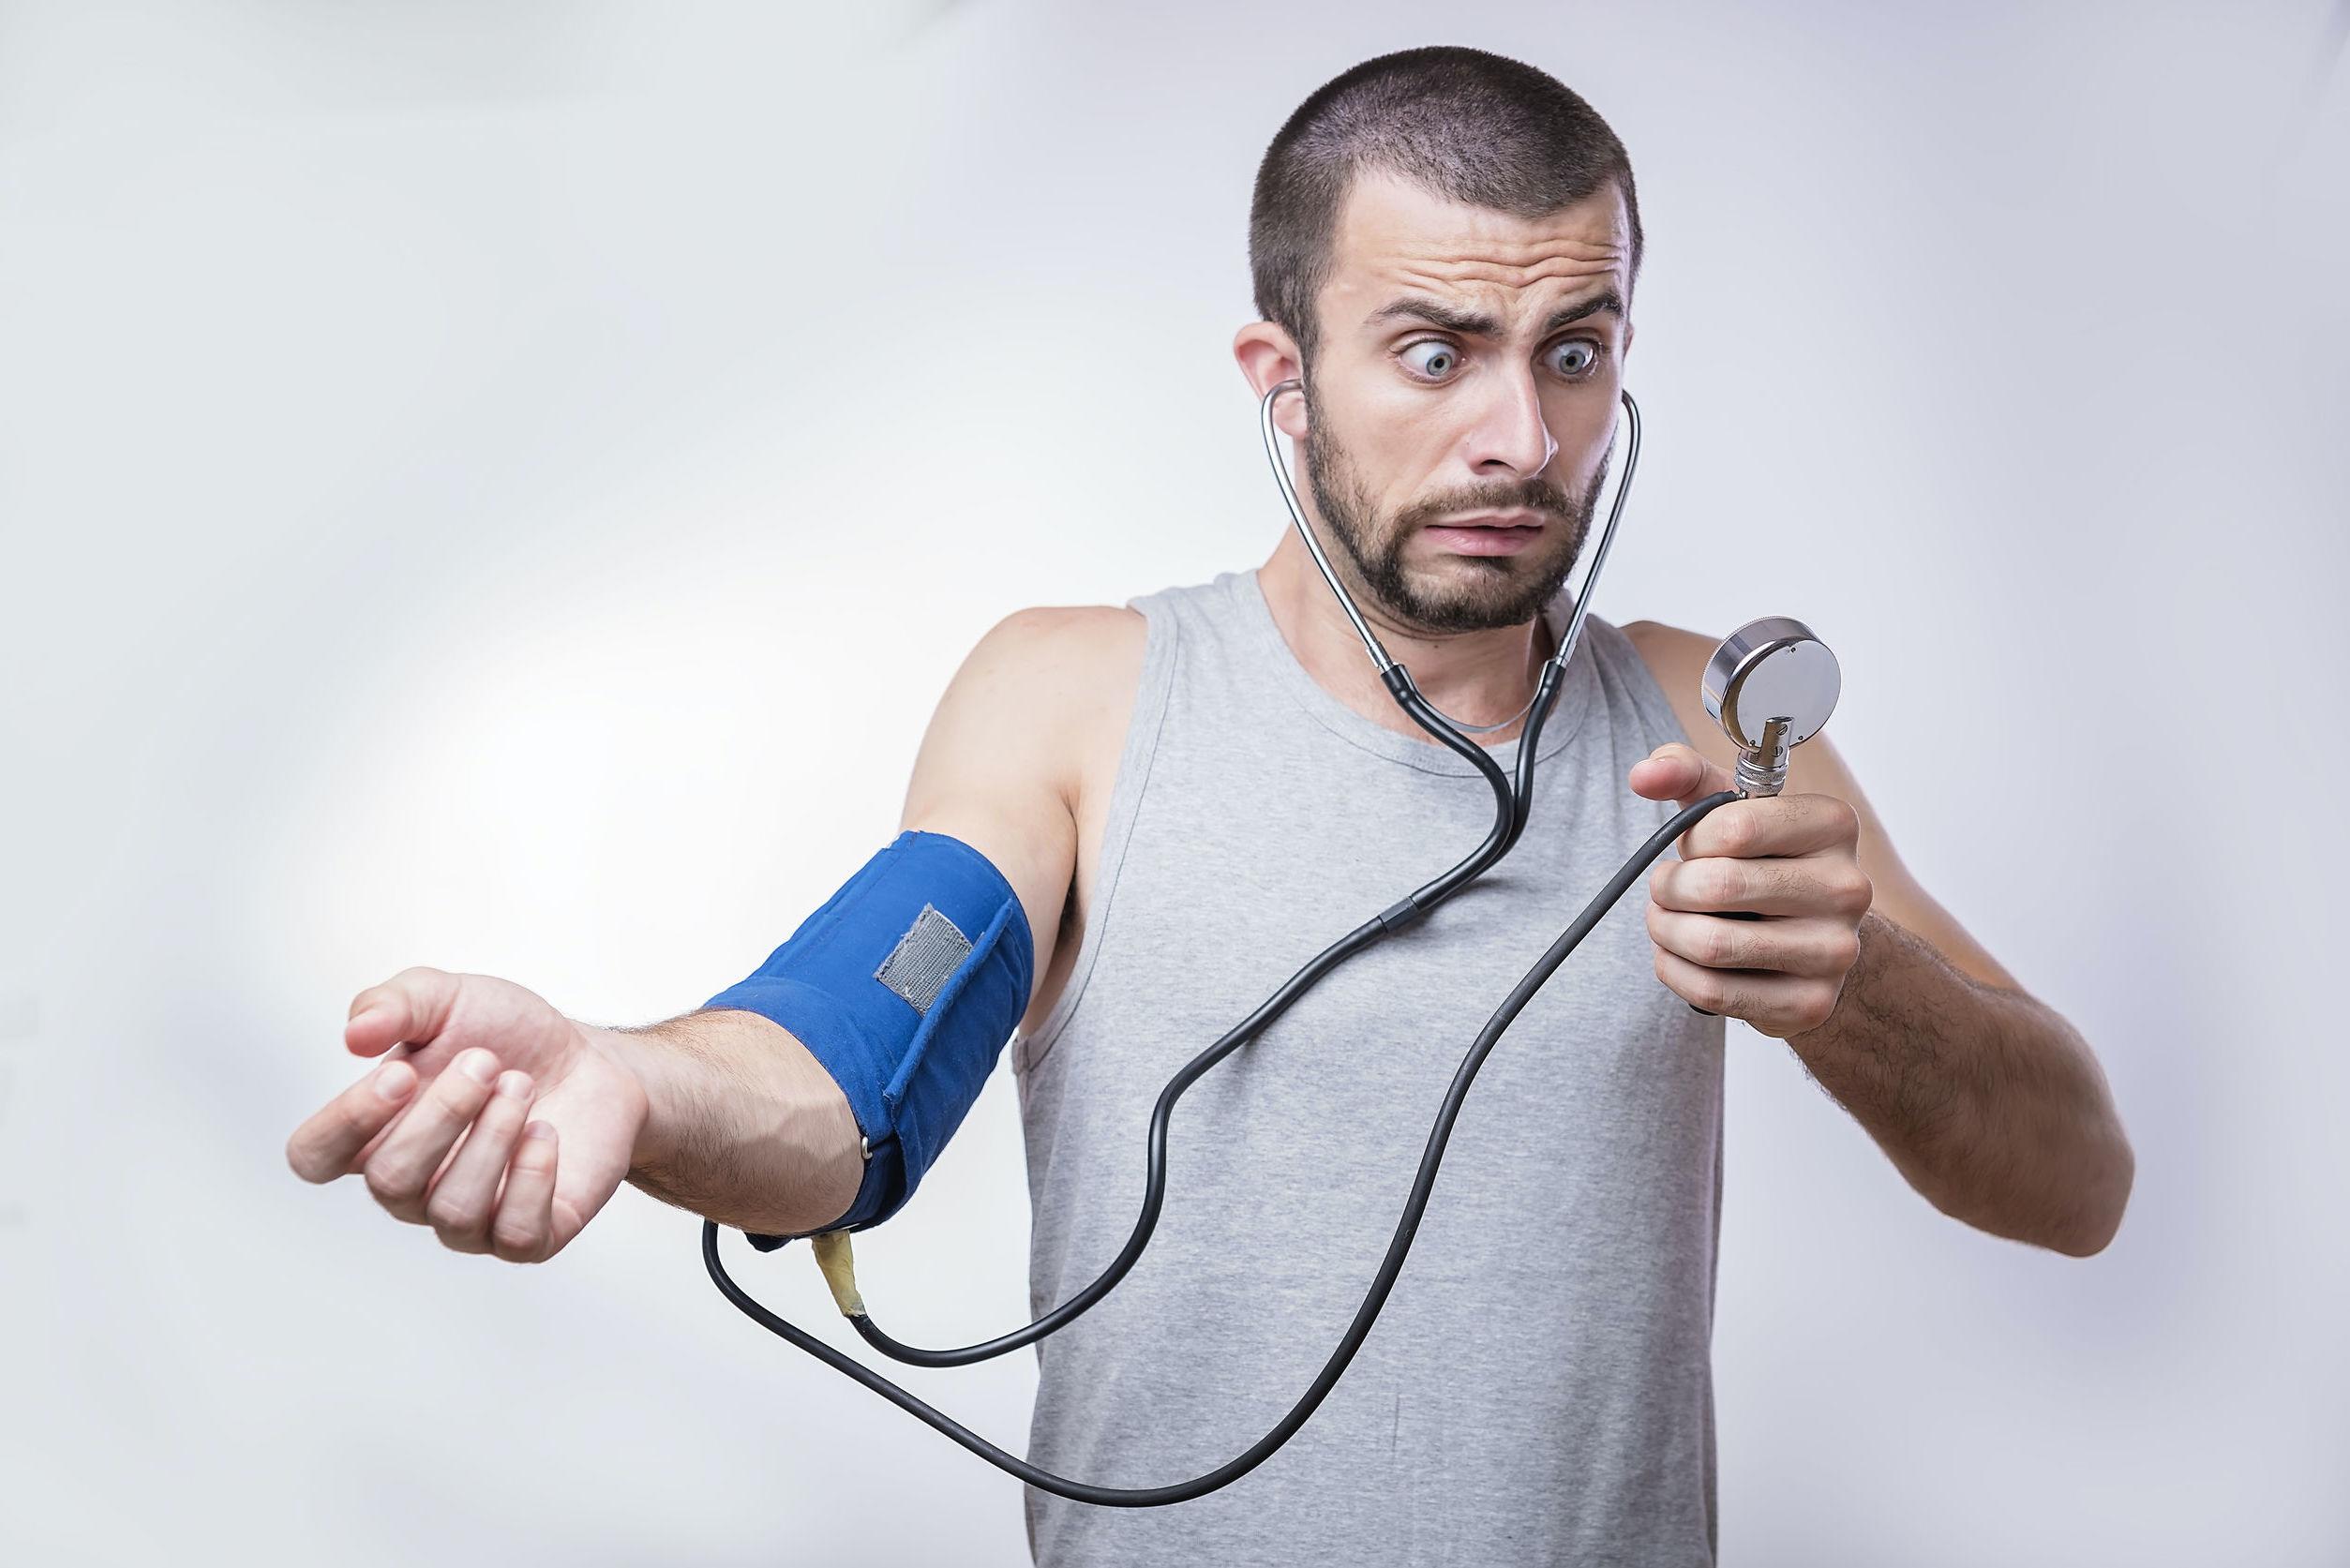 légköri és magas vérnyomás mit jelent az 1 fokú magas vérnyomás kockázata